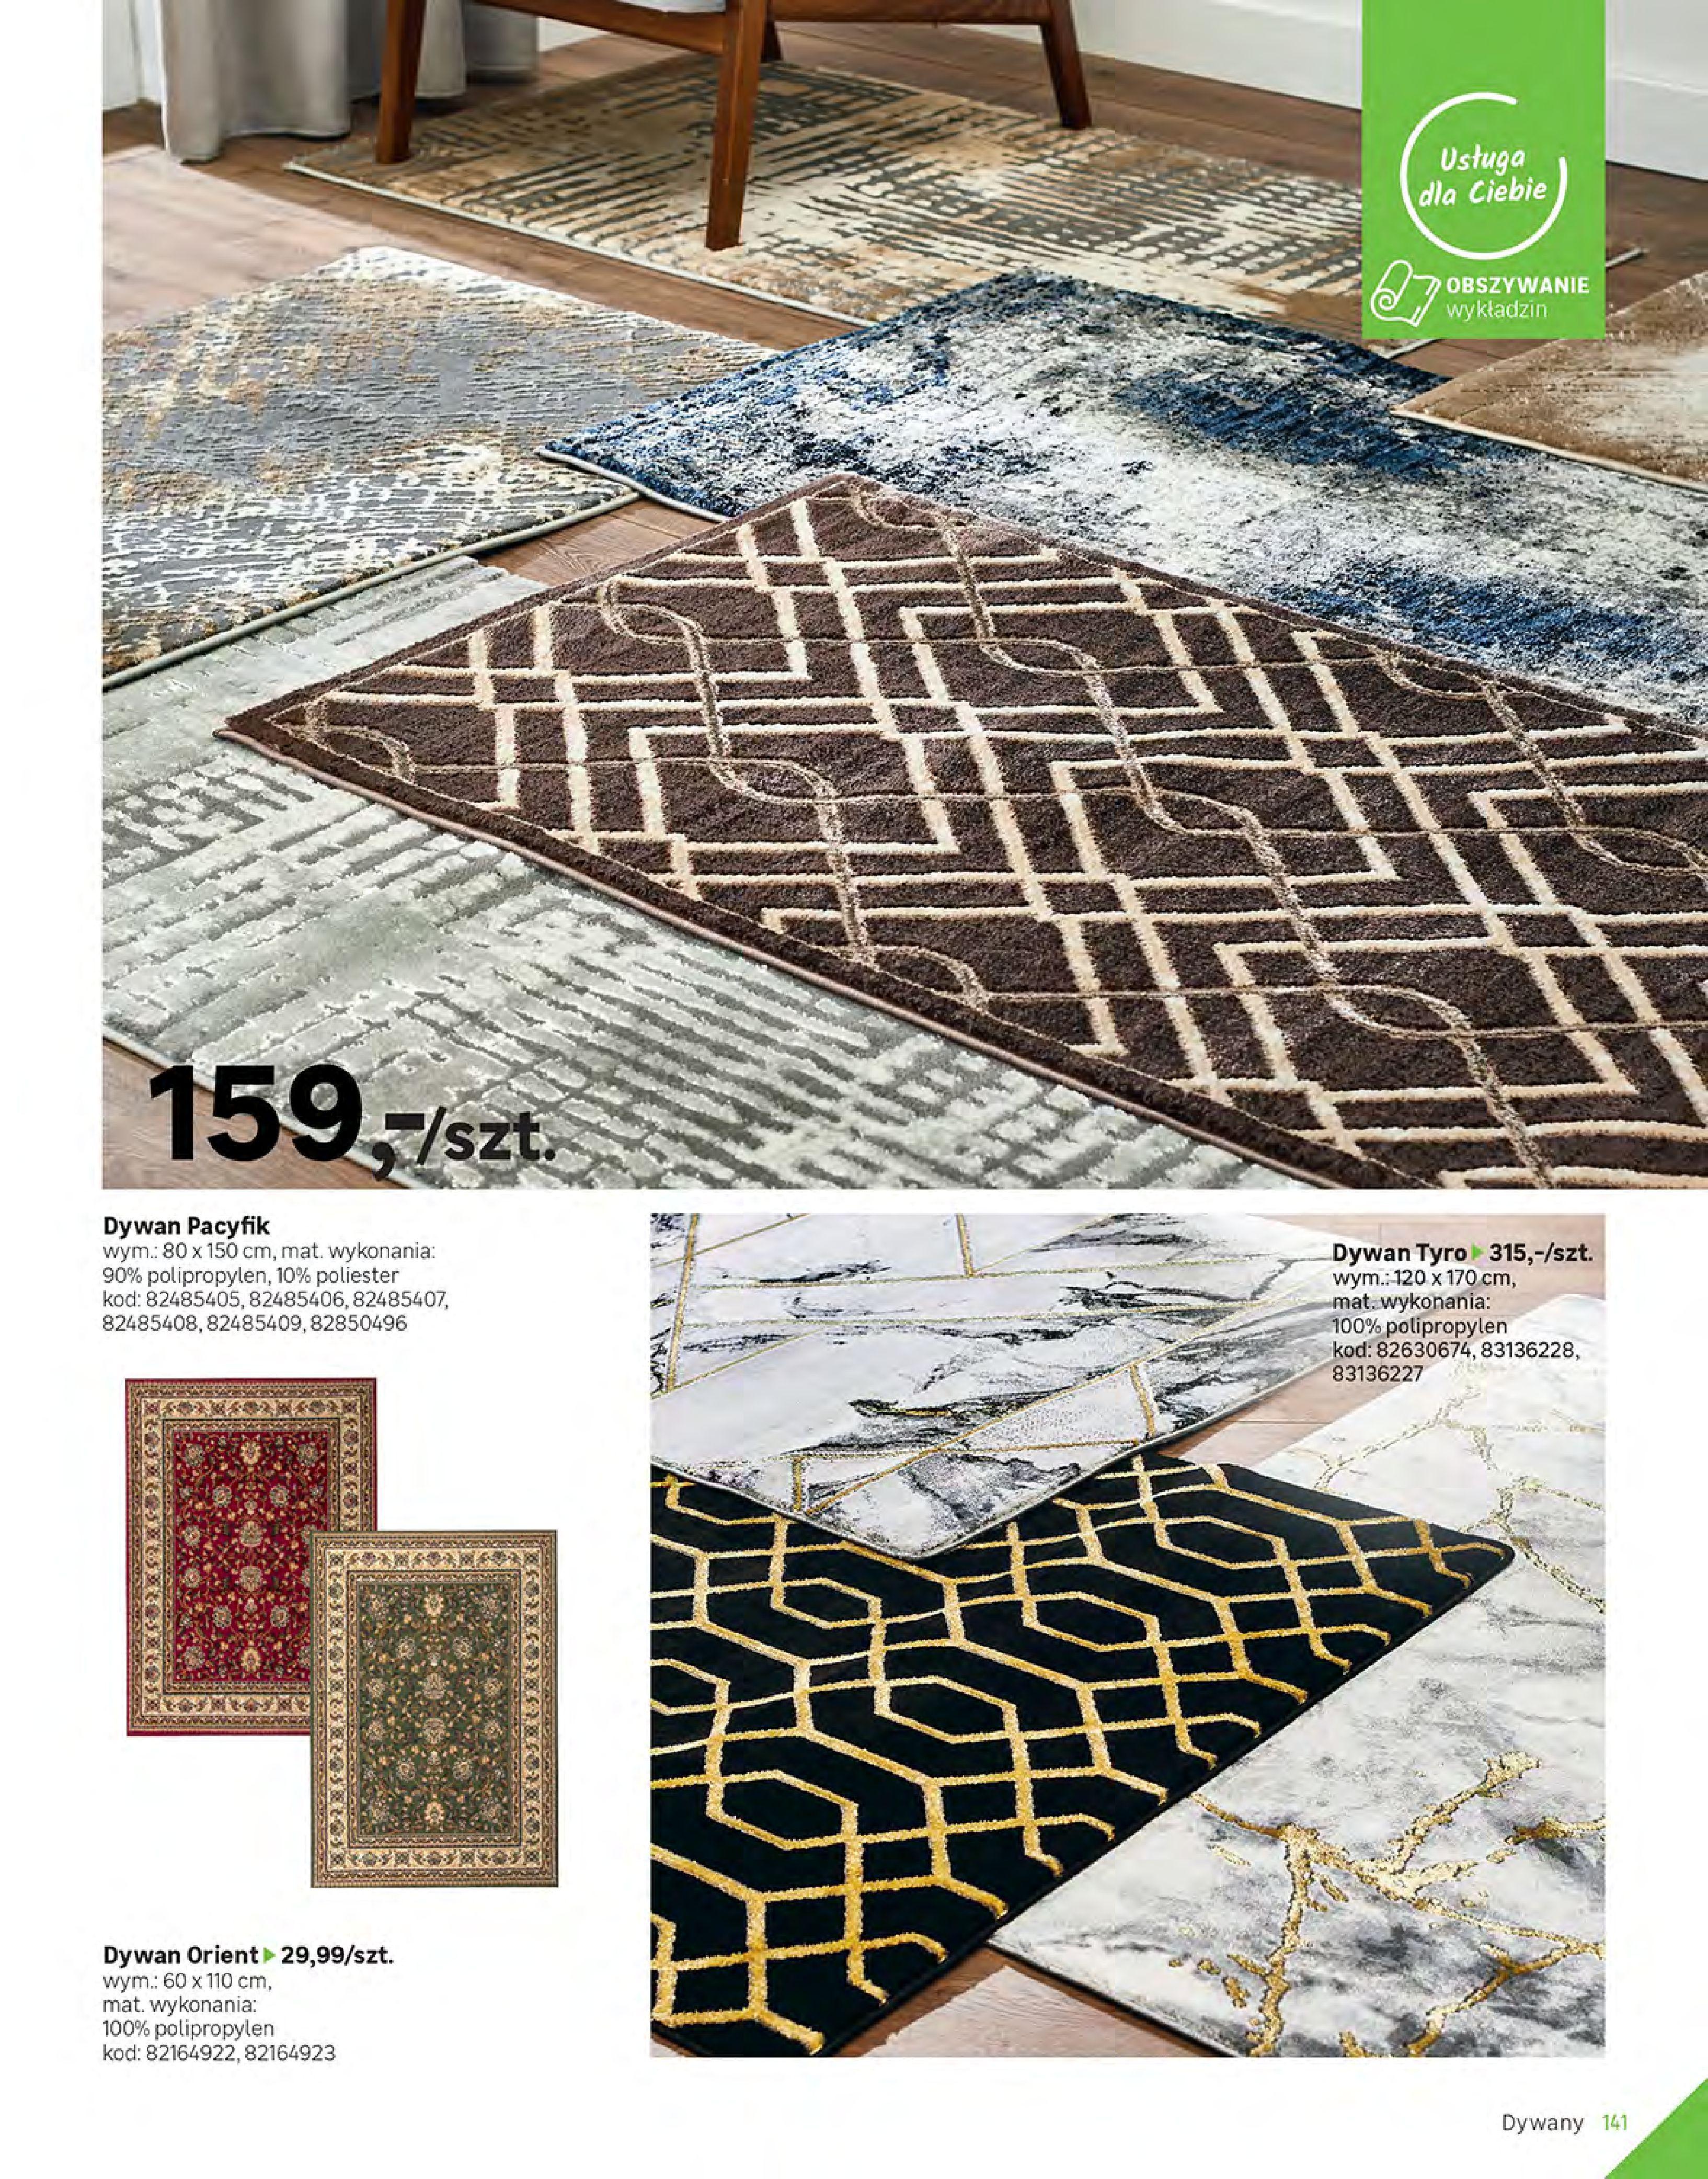 Gazetka Leroy Merlin: Gazetka Leroy Merlin - Katalog Projekty 2021-06-01 page-141